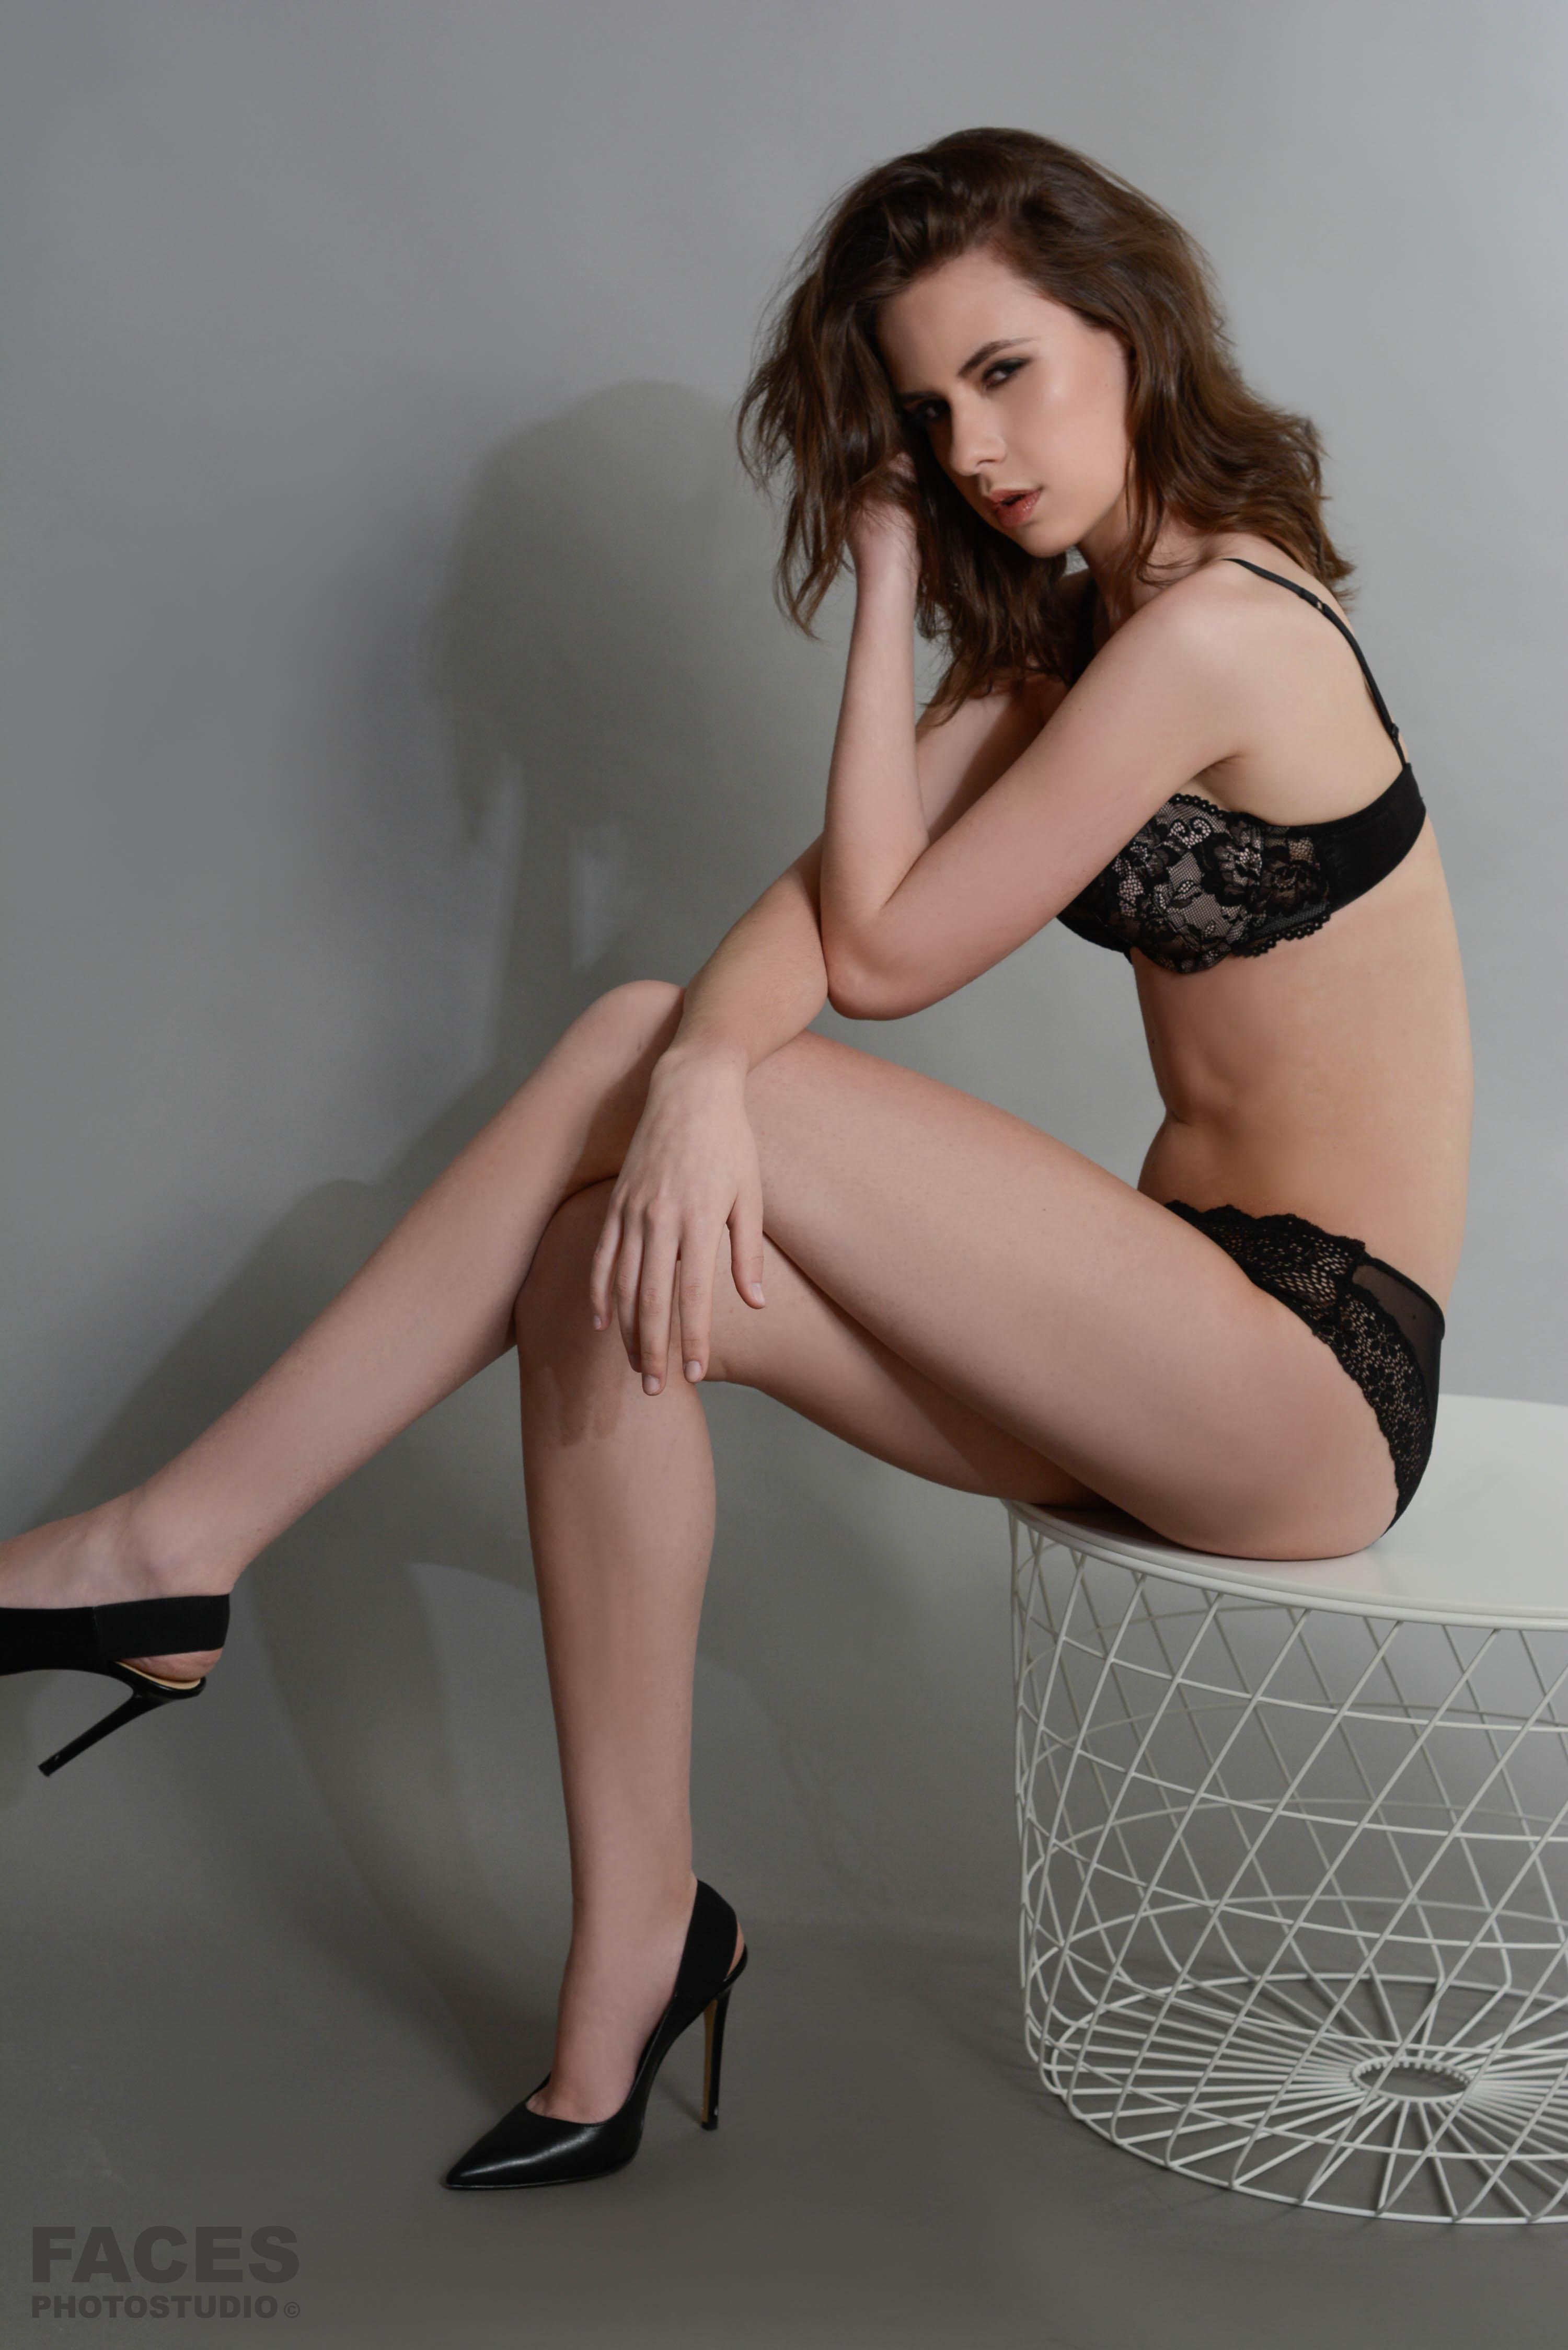 modelimage